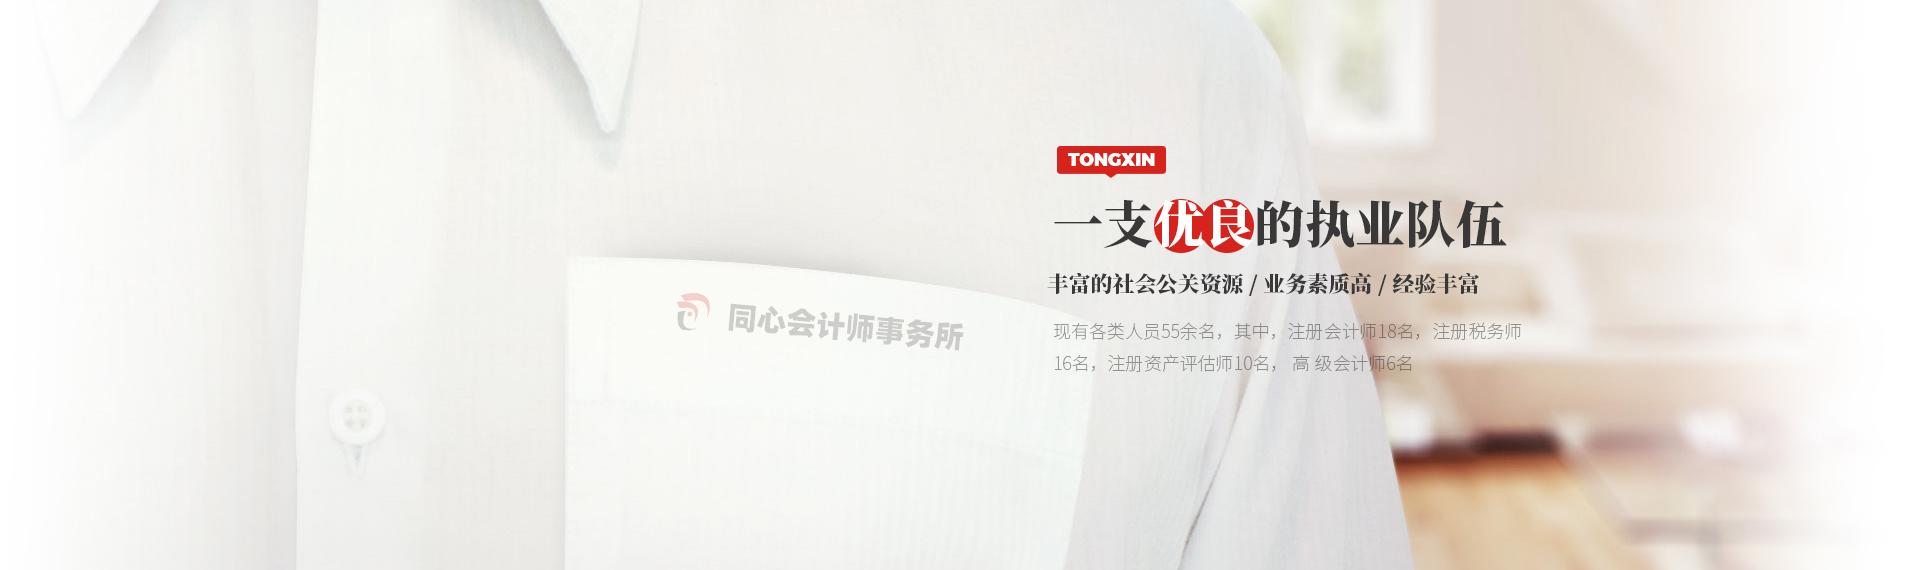 万博手机官网登录_万博官网手机版本_万博manbetx官网手机版下载